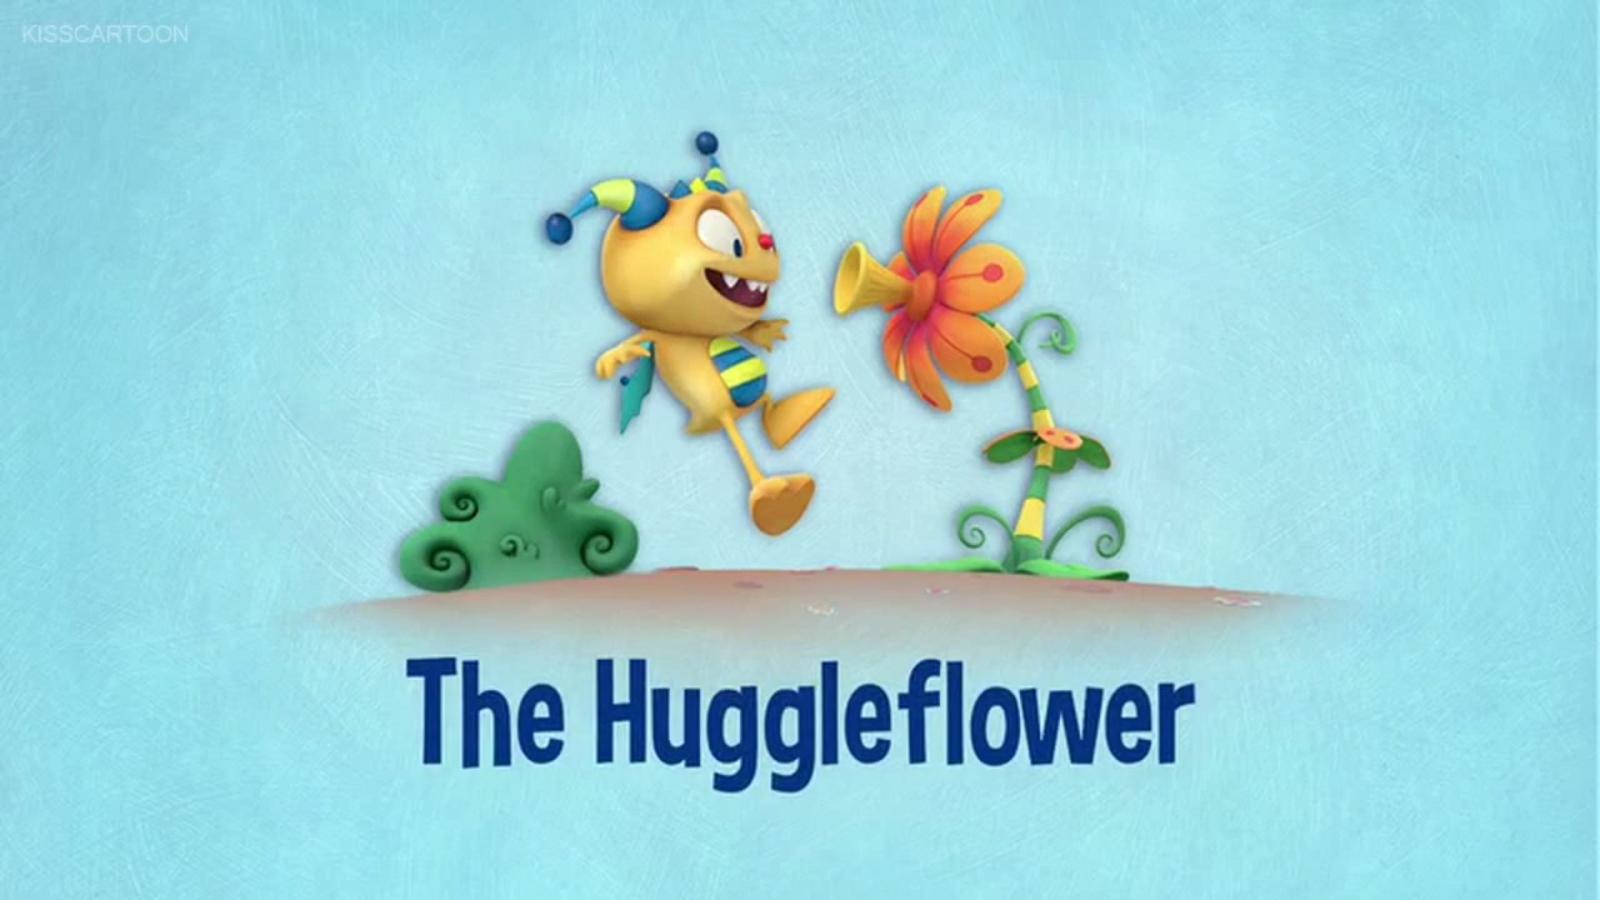 The Huggleflower